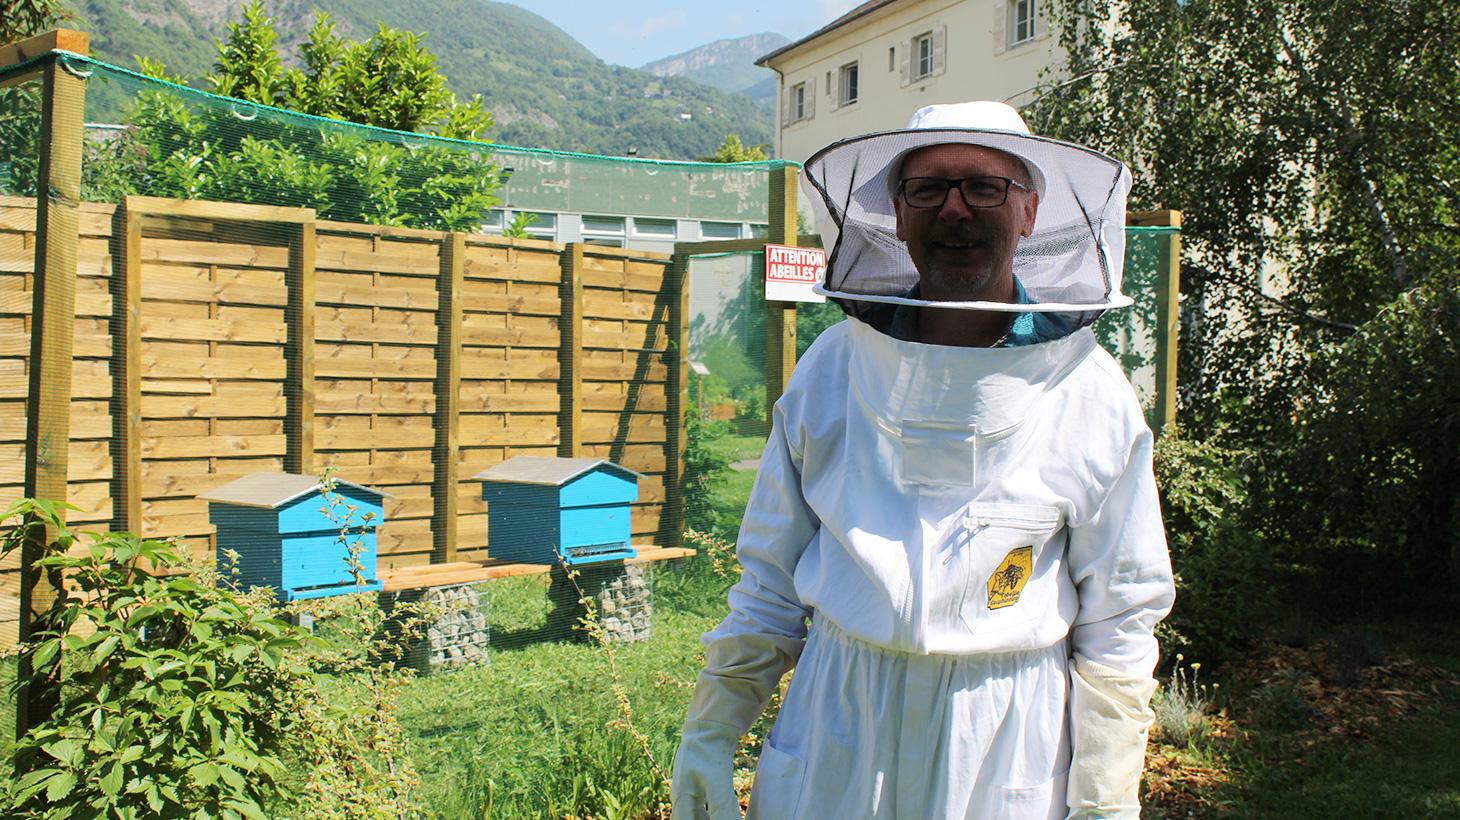 La tenue d'apiculteur est de rigueur pour intervenir dans le rucher